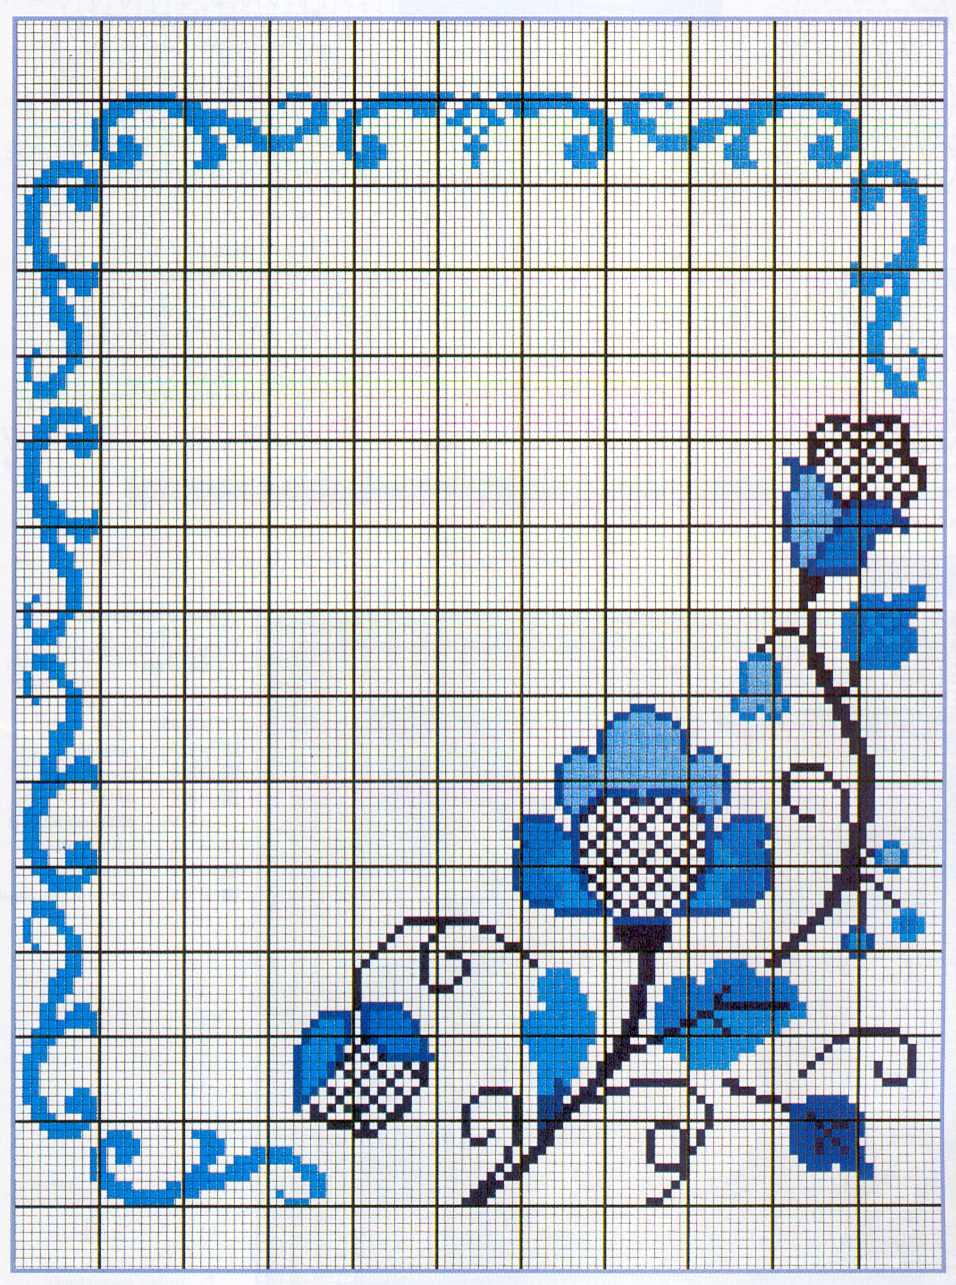 Вышивка крестиком рамка для схема